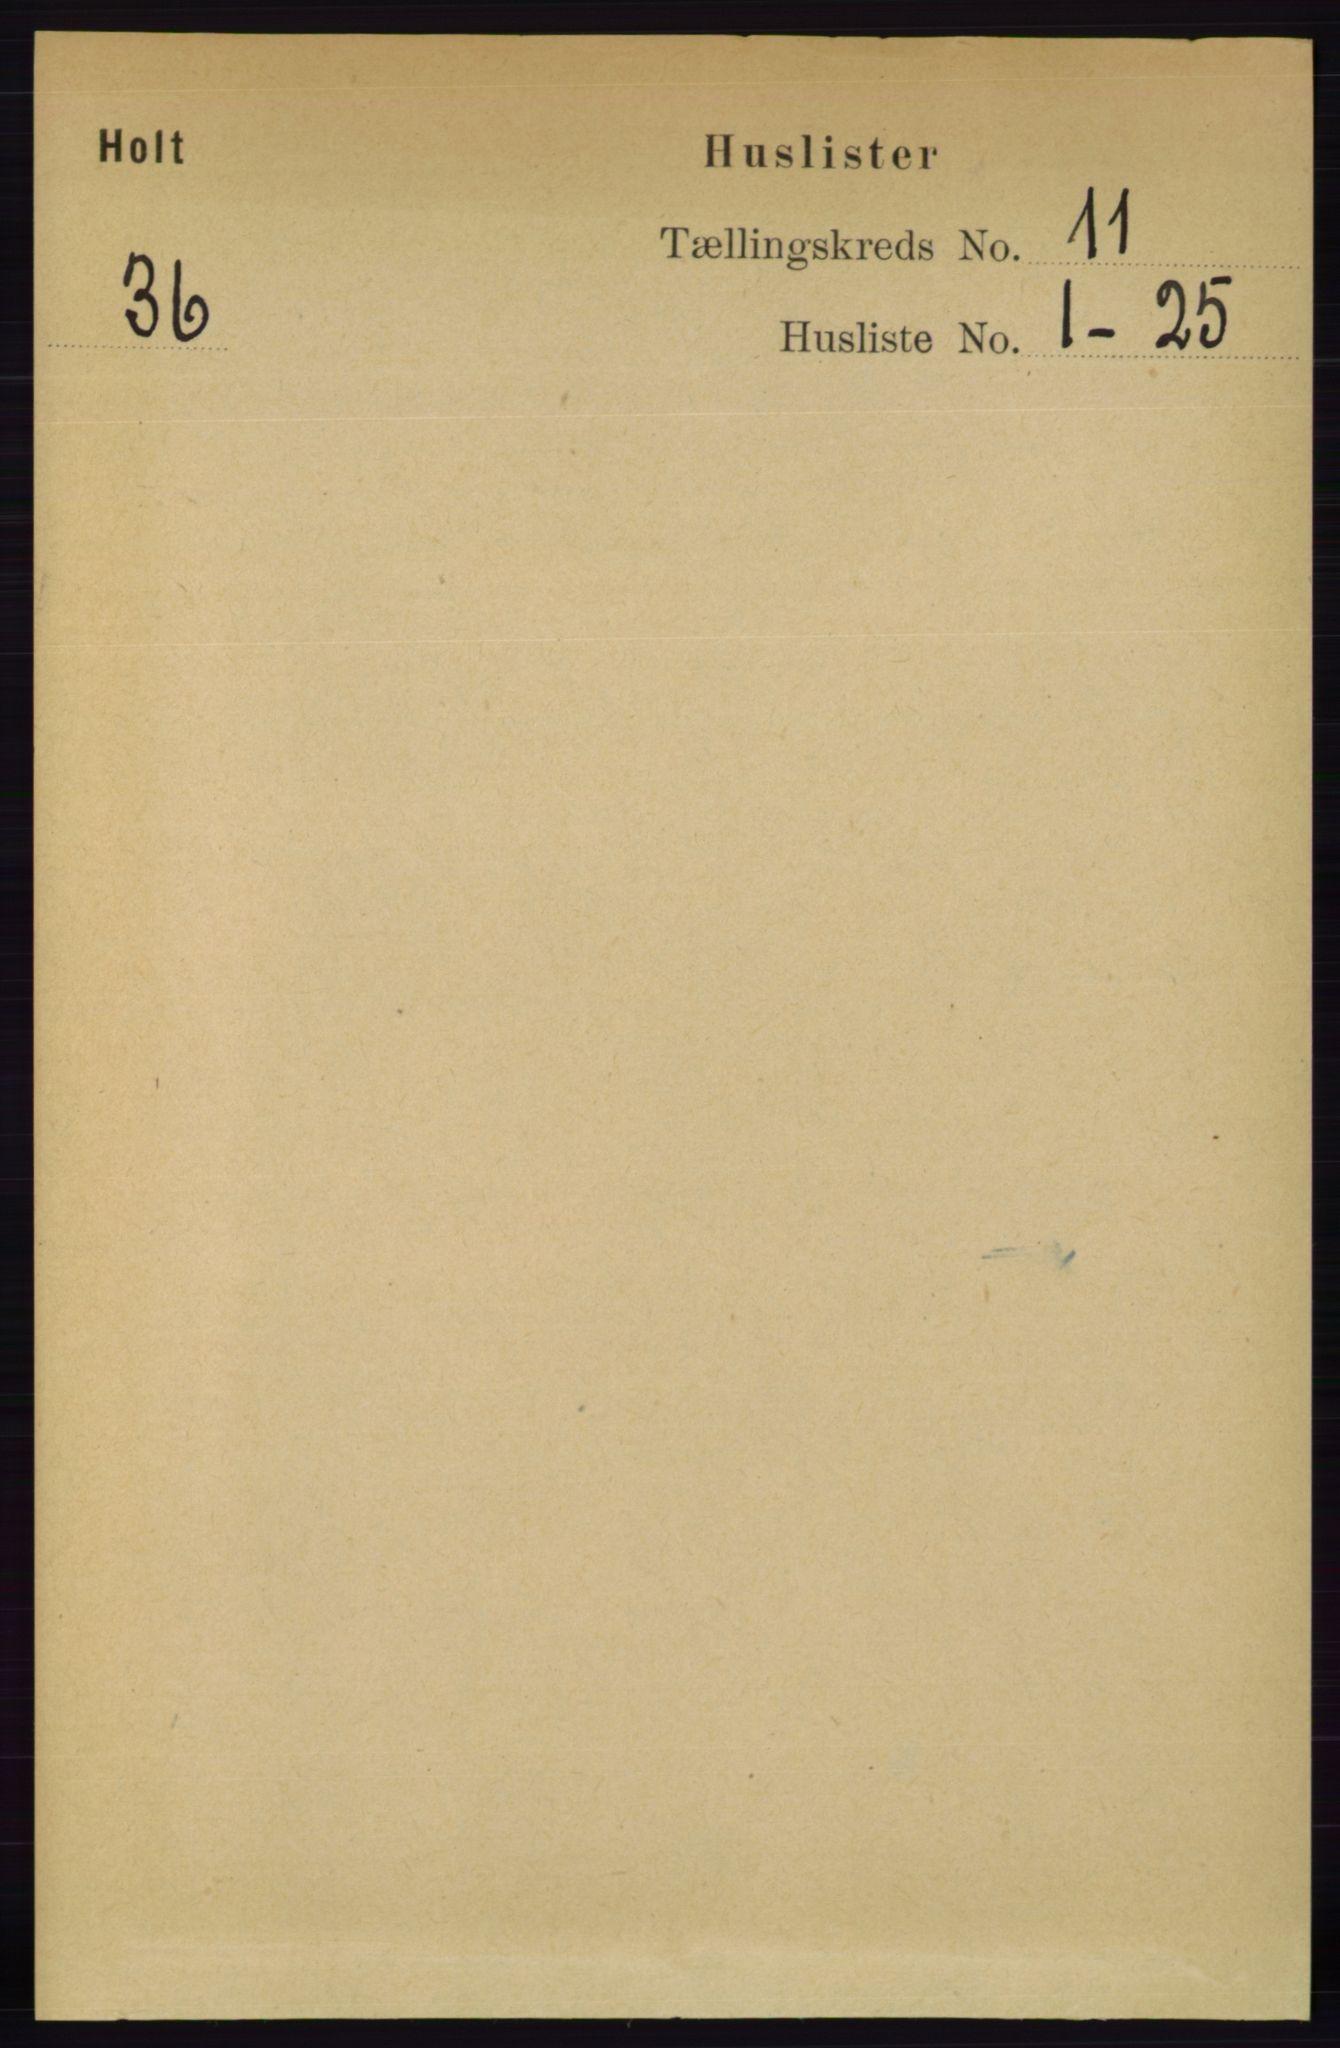 RA, Folketelling 1891 for 0914 Holt herred, 1891, s. 4769